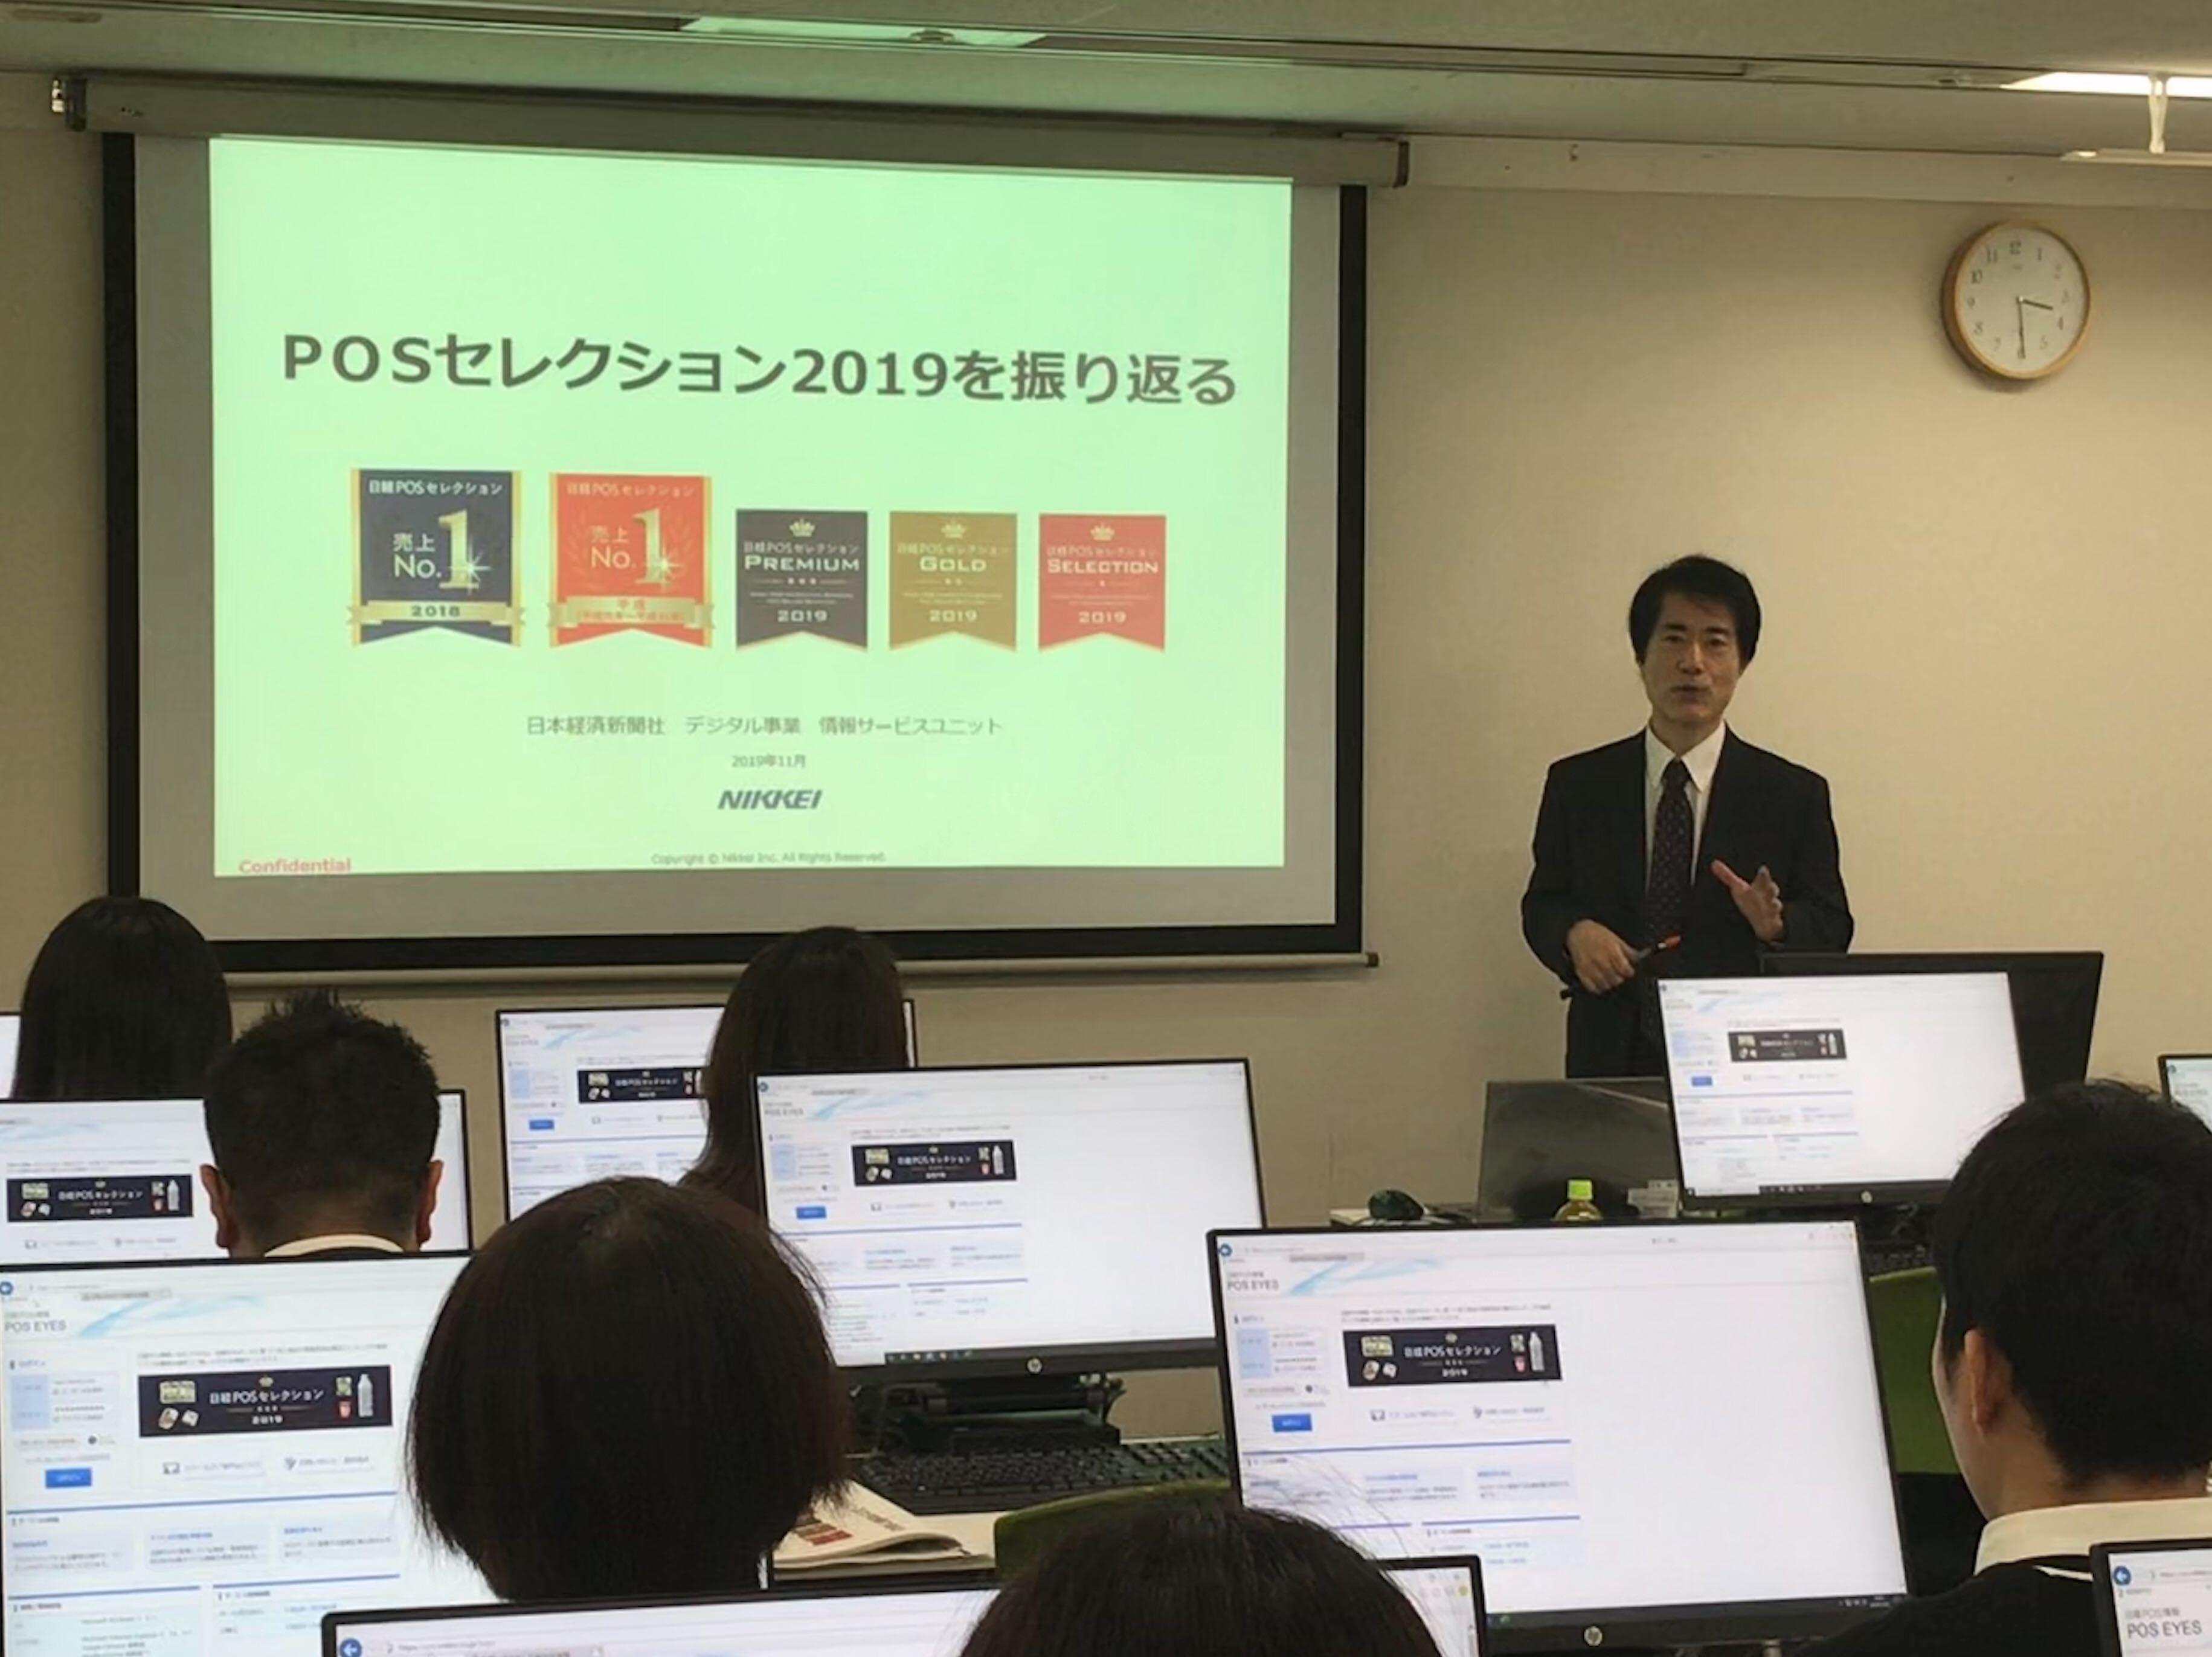 日経POS体験会(大阪)開催報告